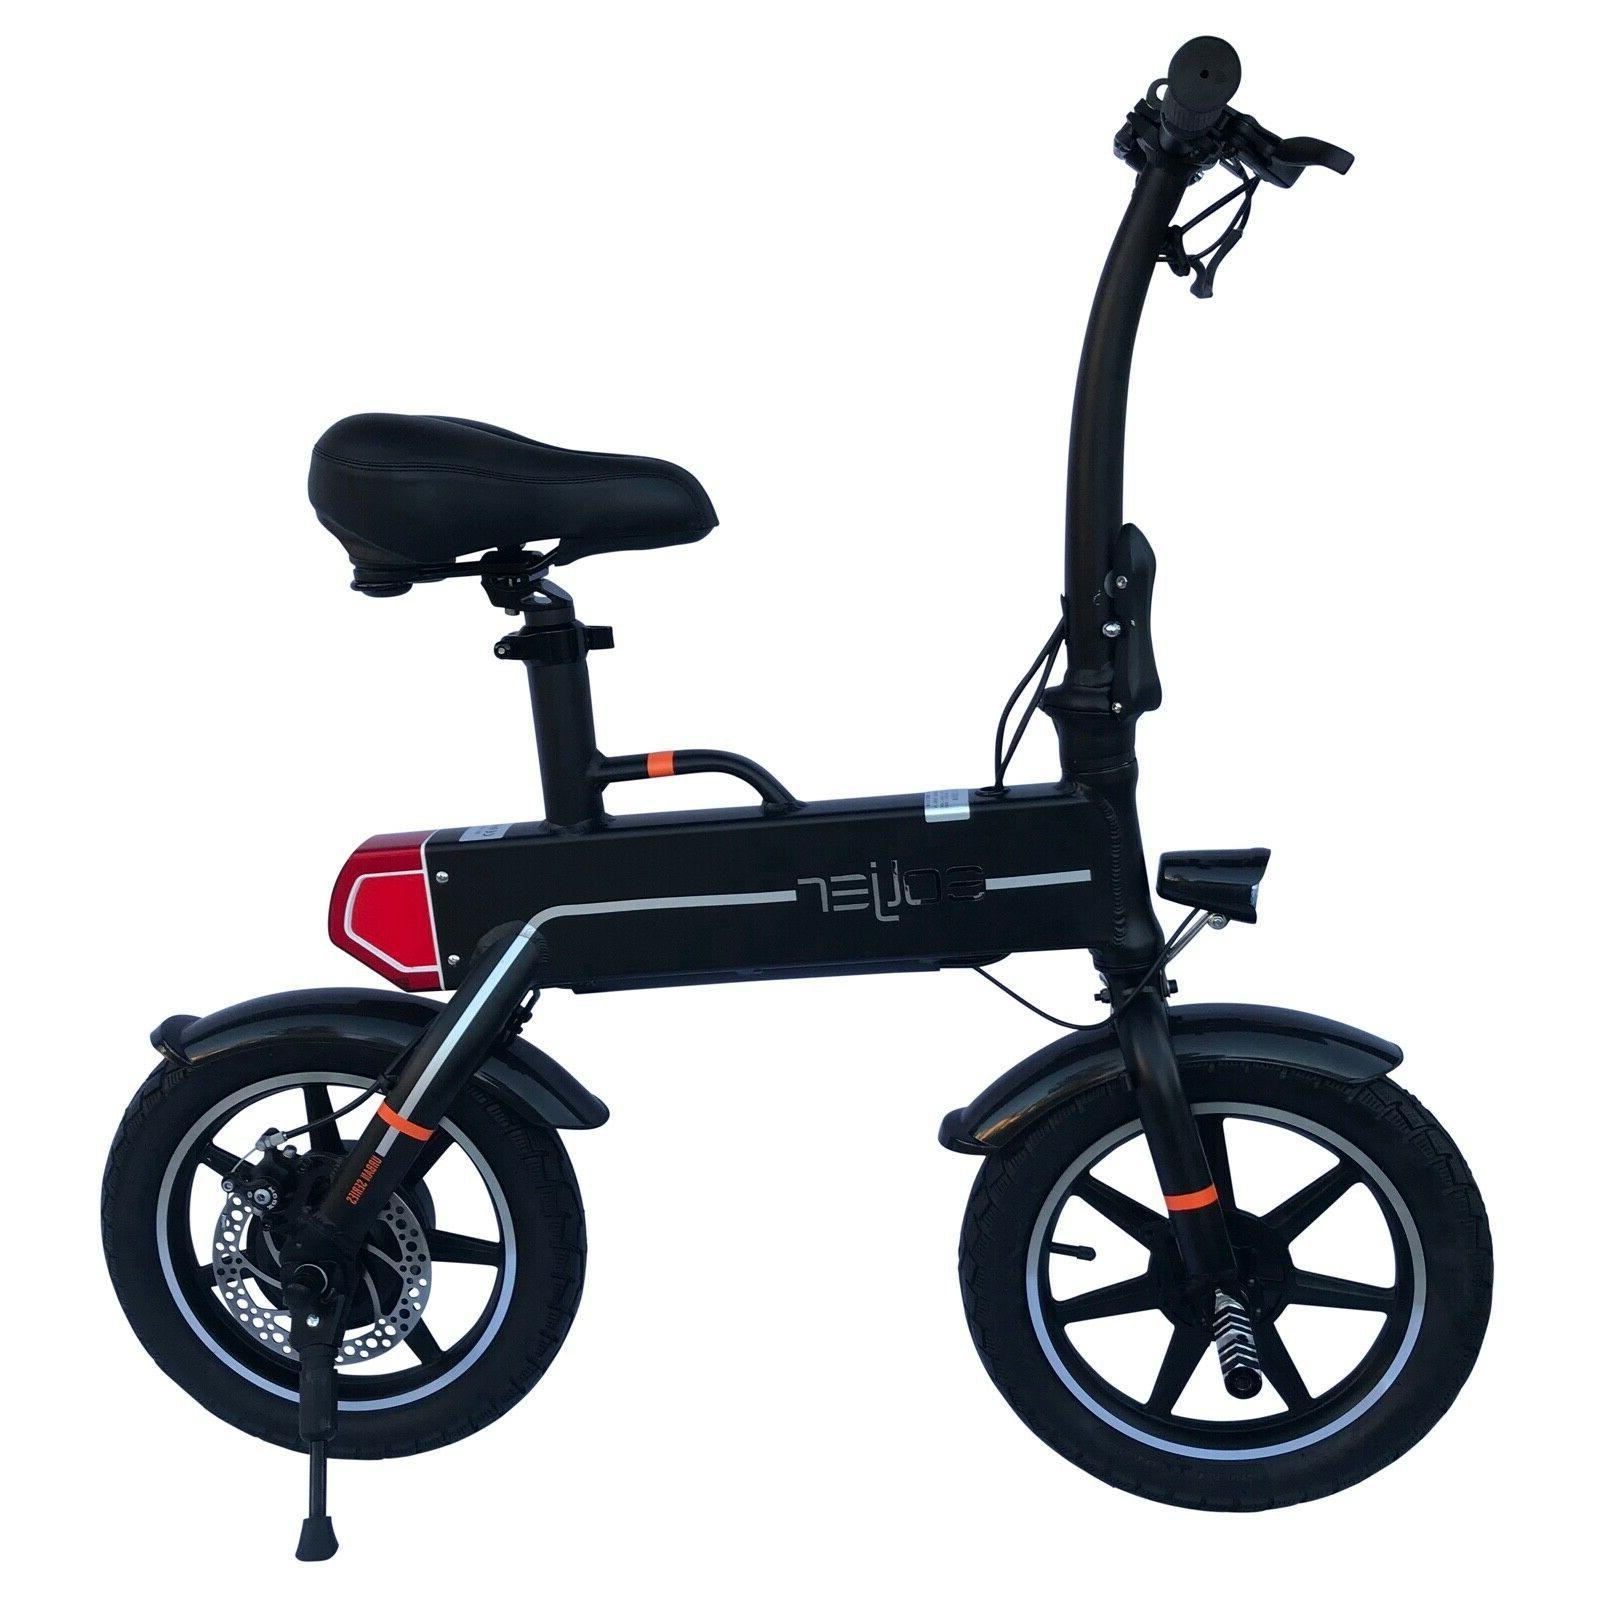 mini electric bike bicycle lightweight